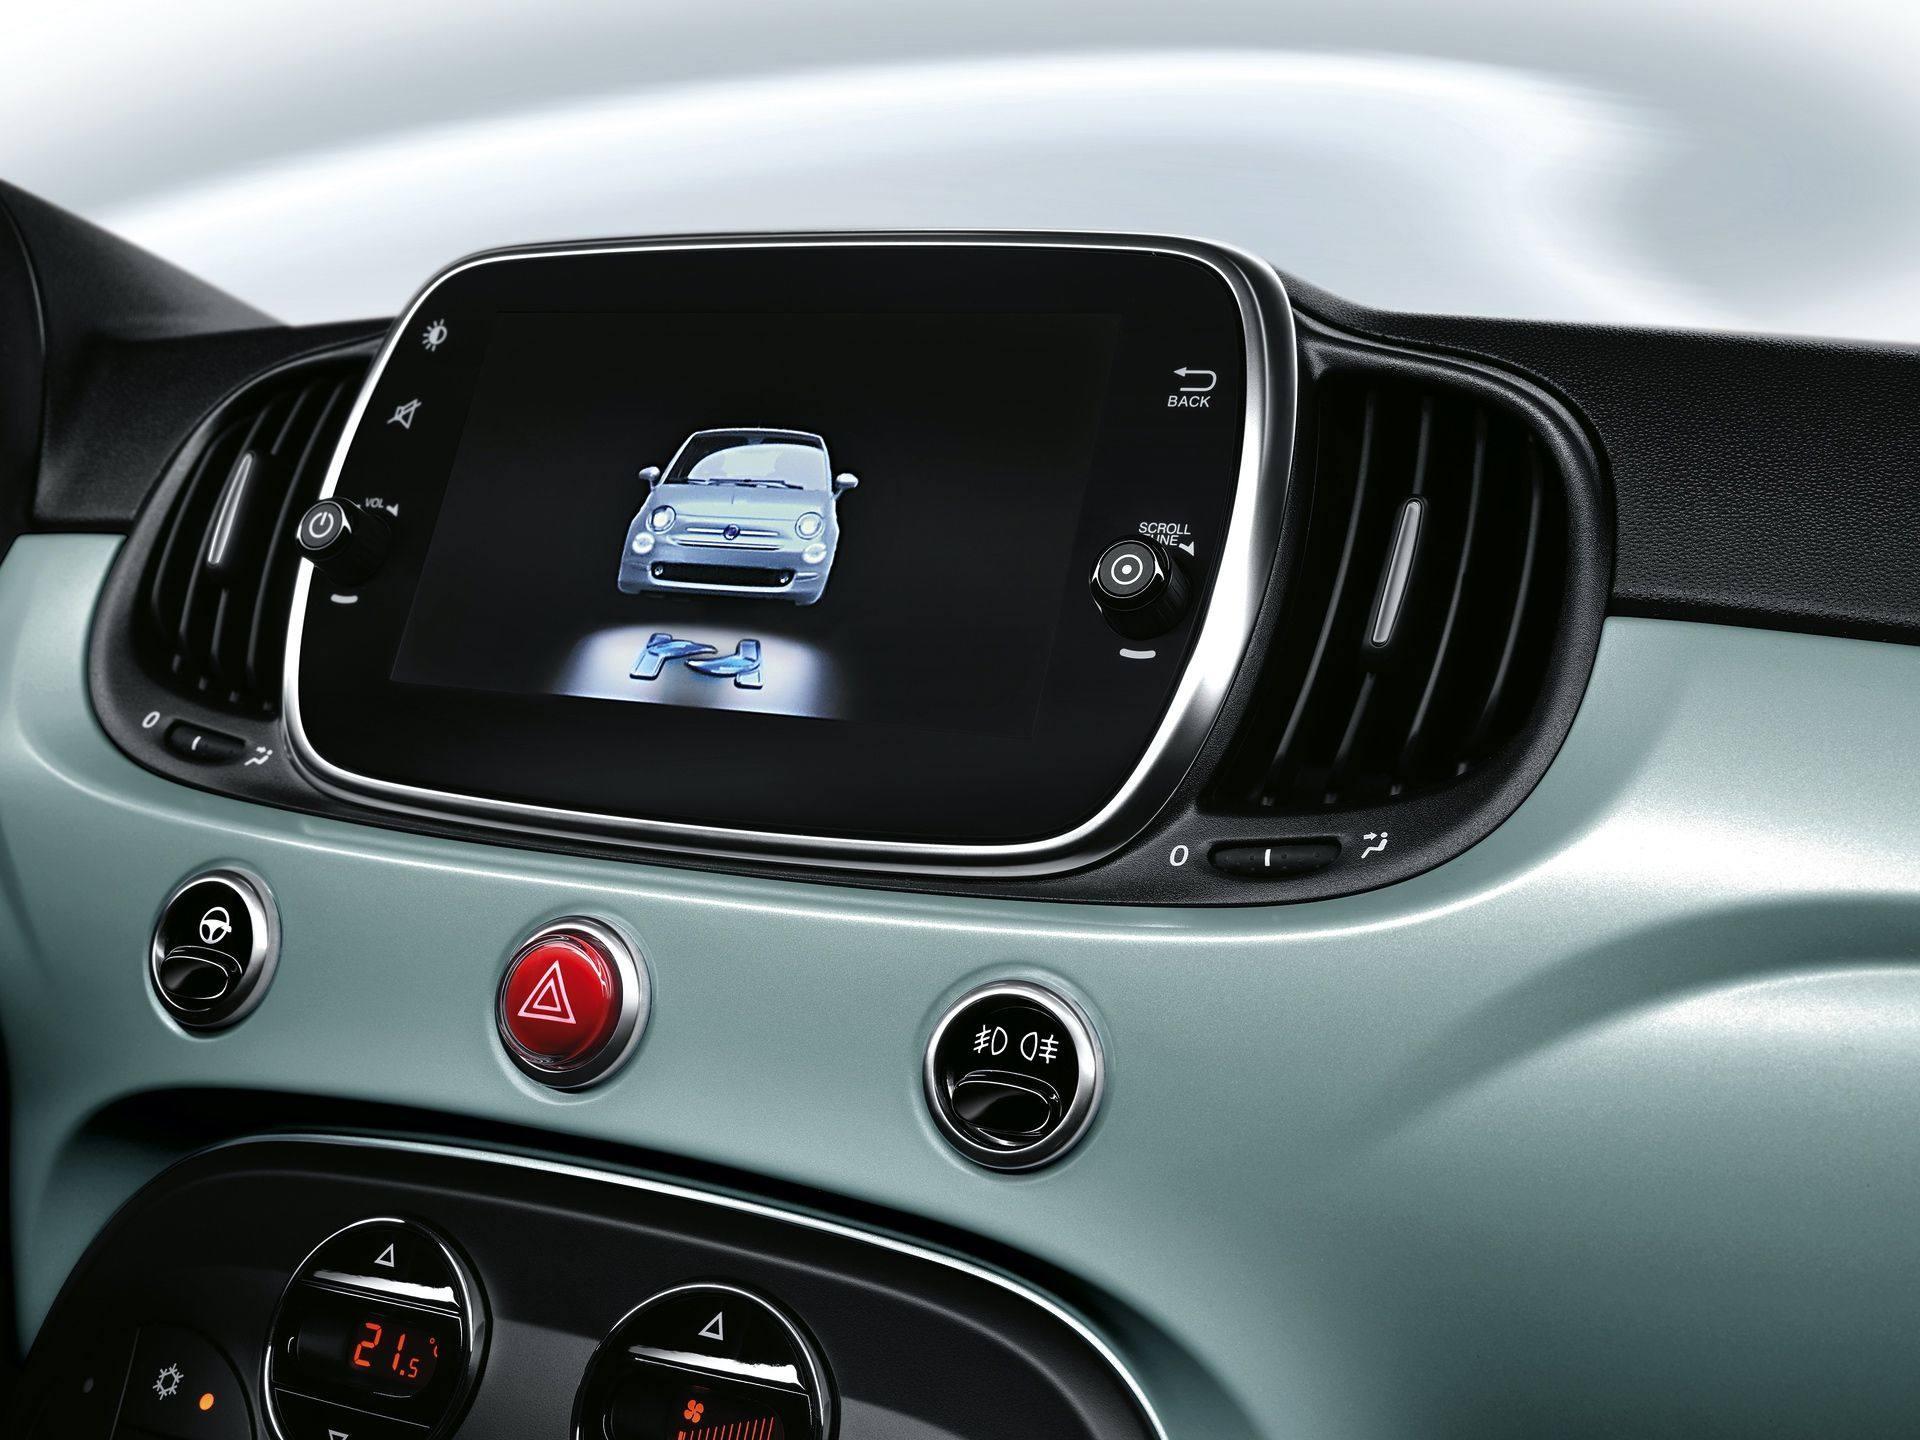 200108_Fiat_500-Hybrid-Launch-Edition_13